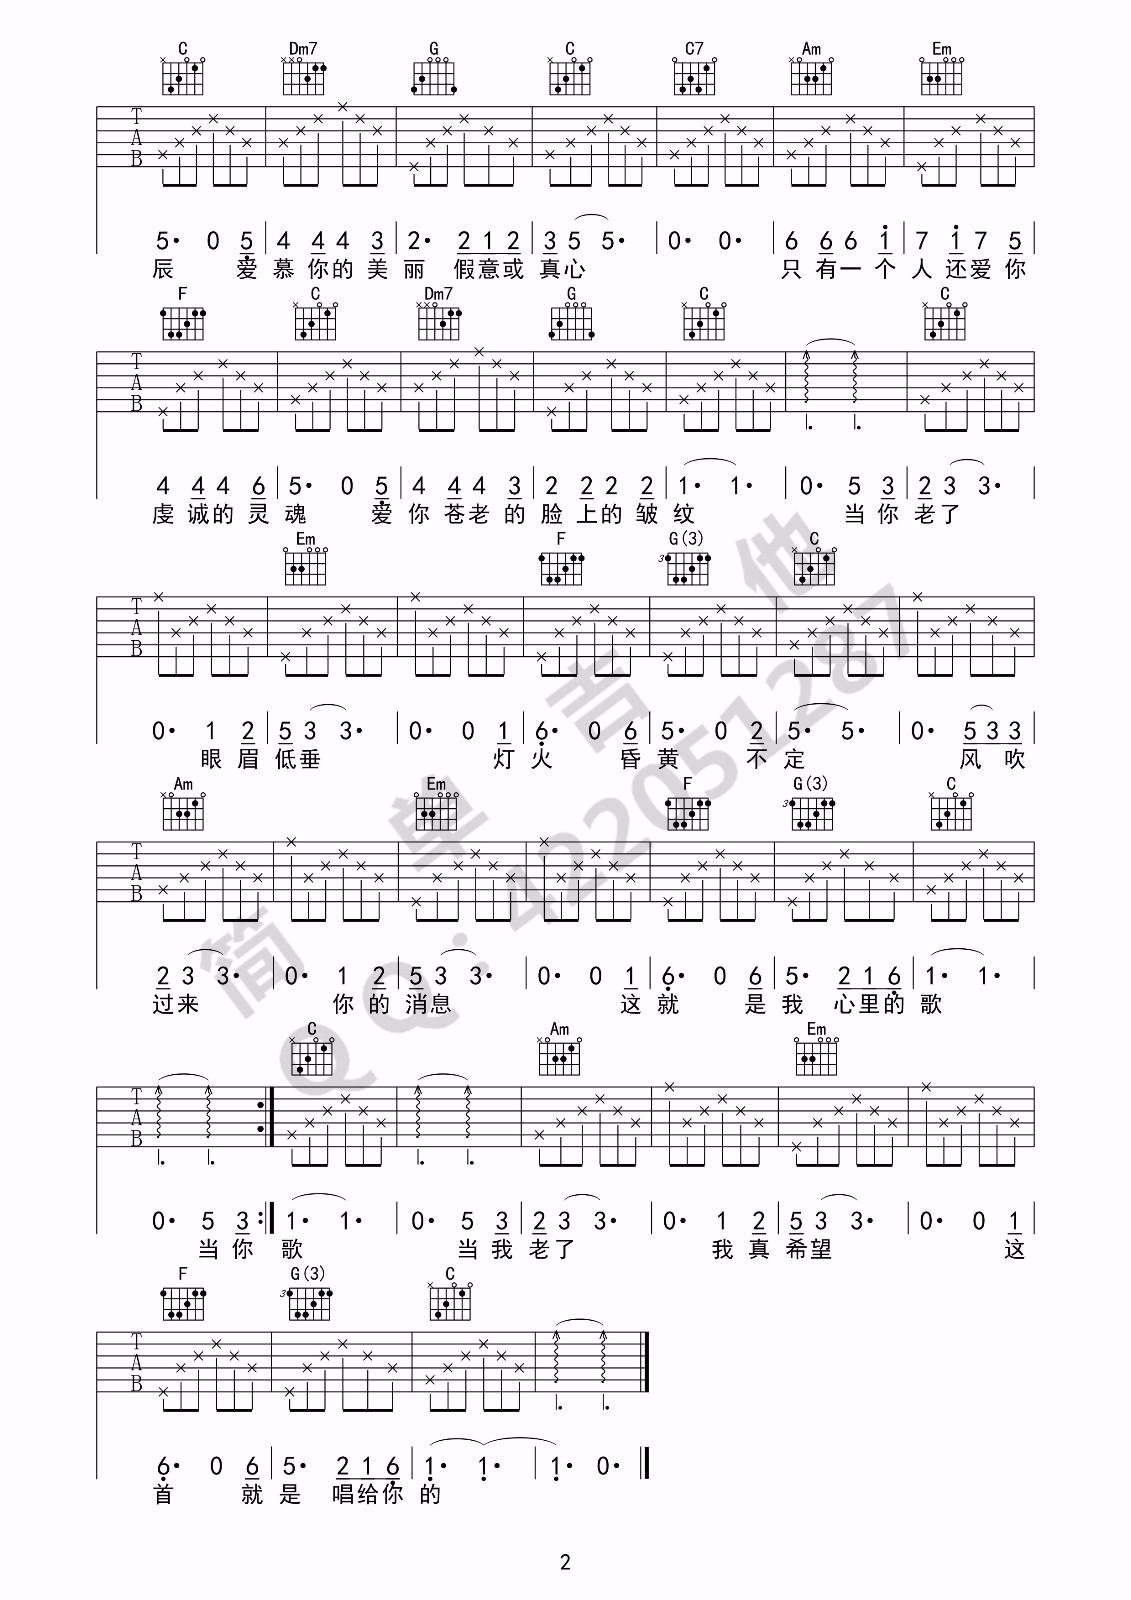 当你老了(c调,男生版) 吉他谱 - 第2张图片